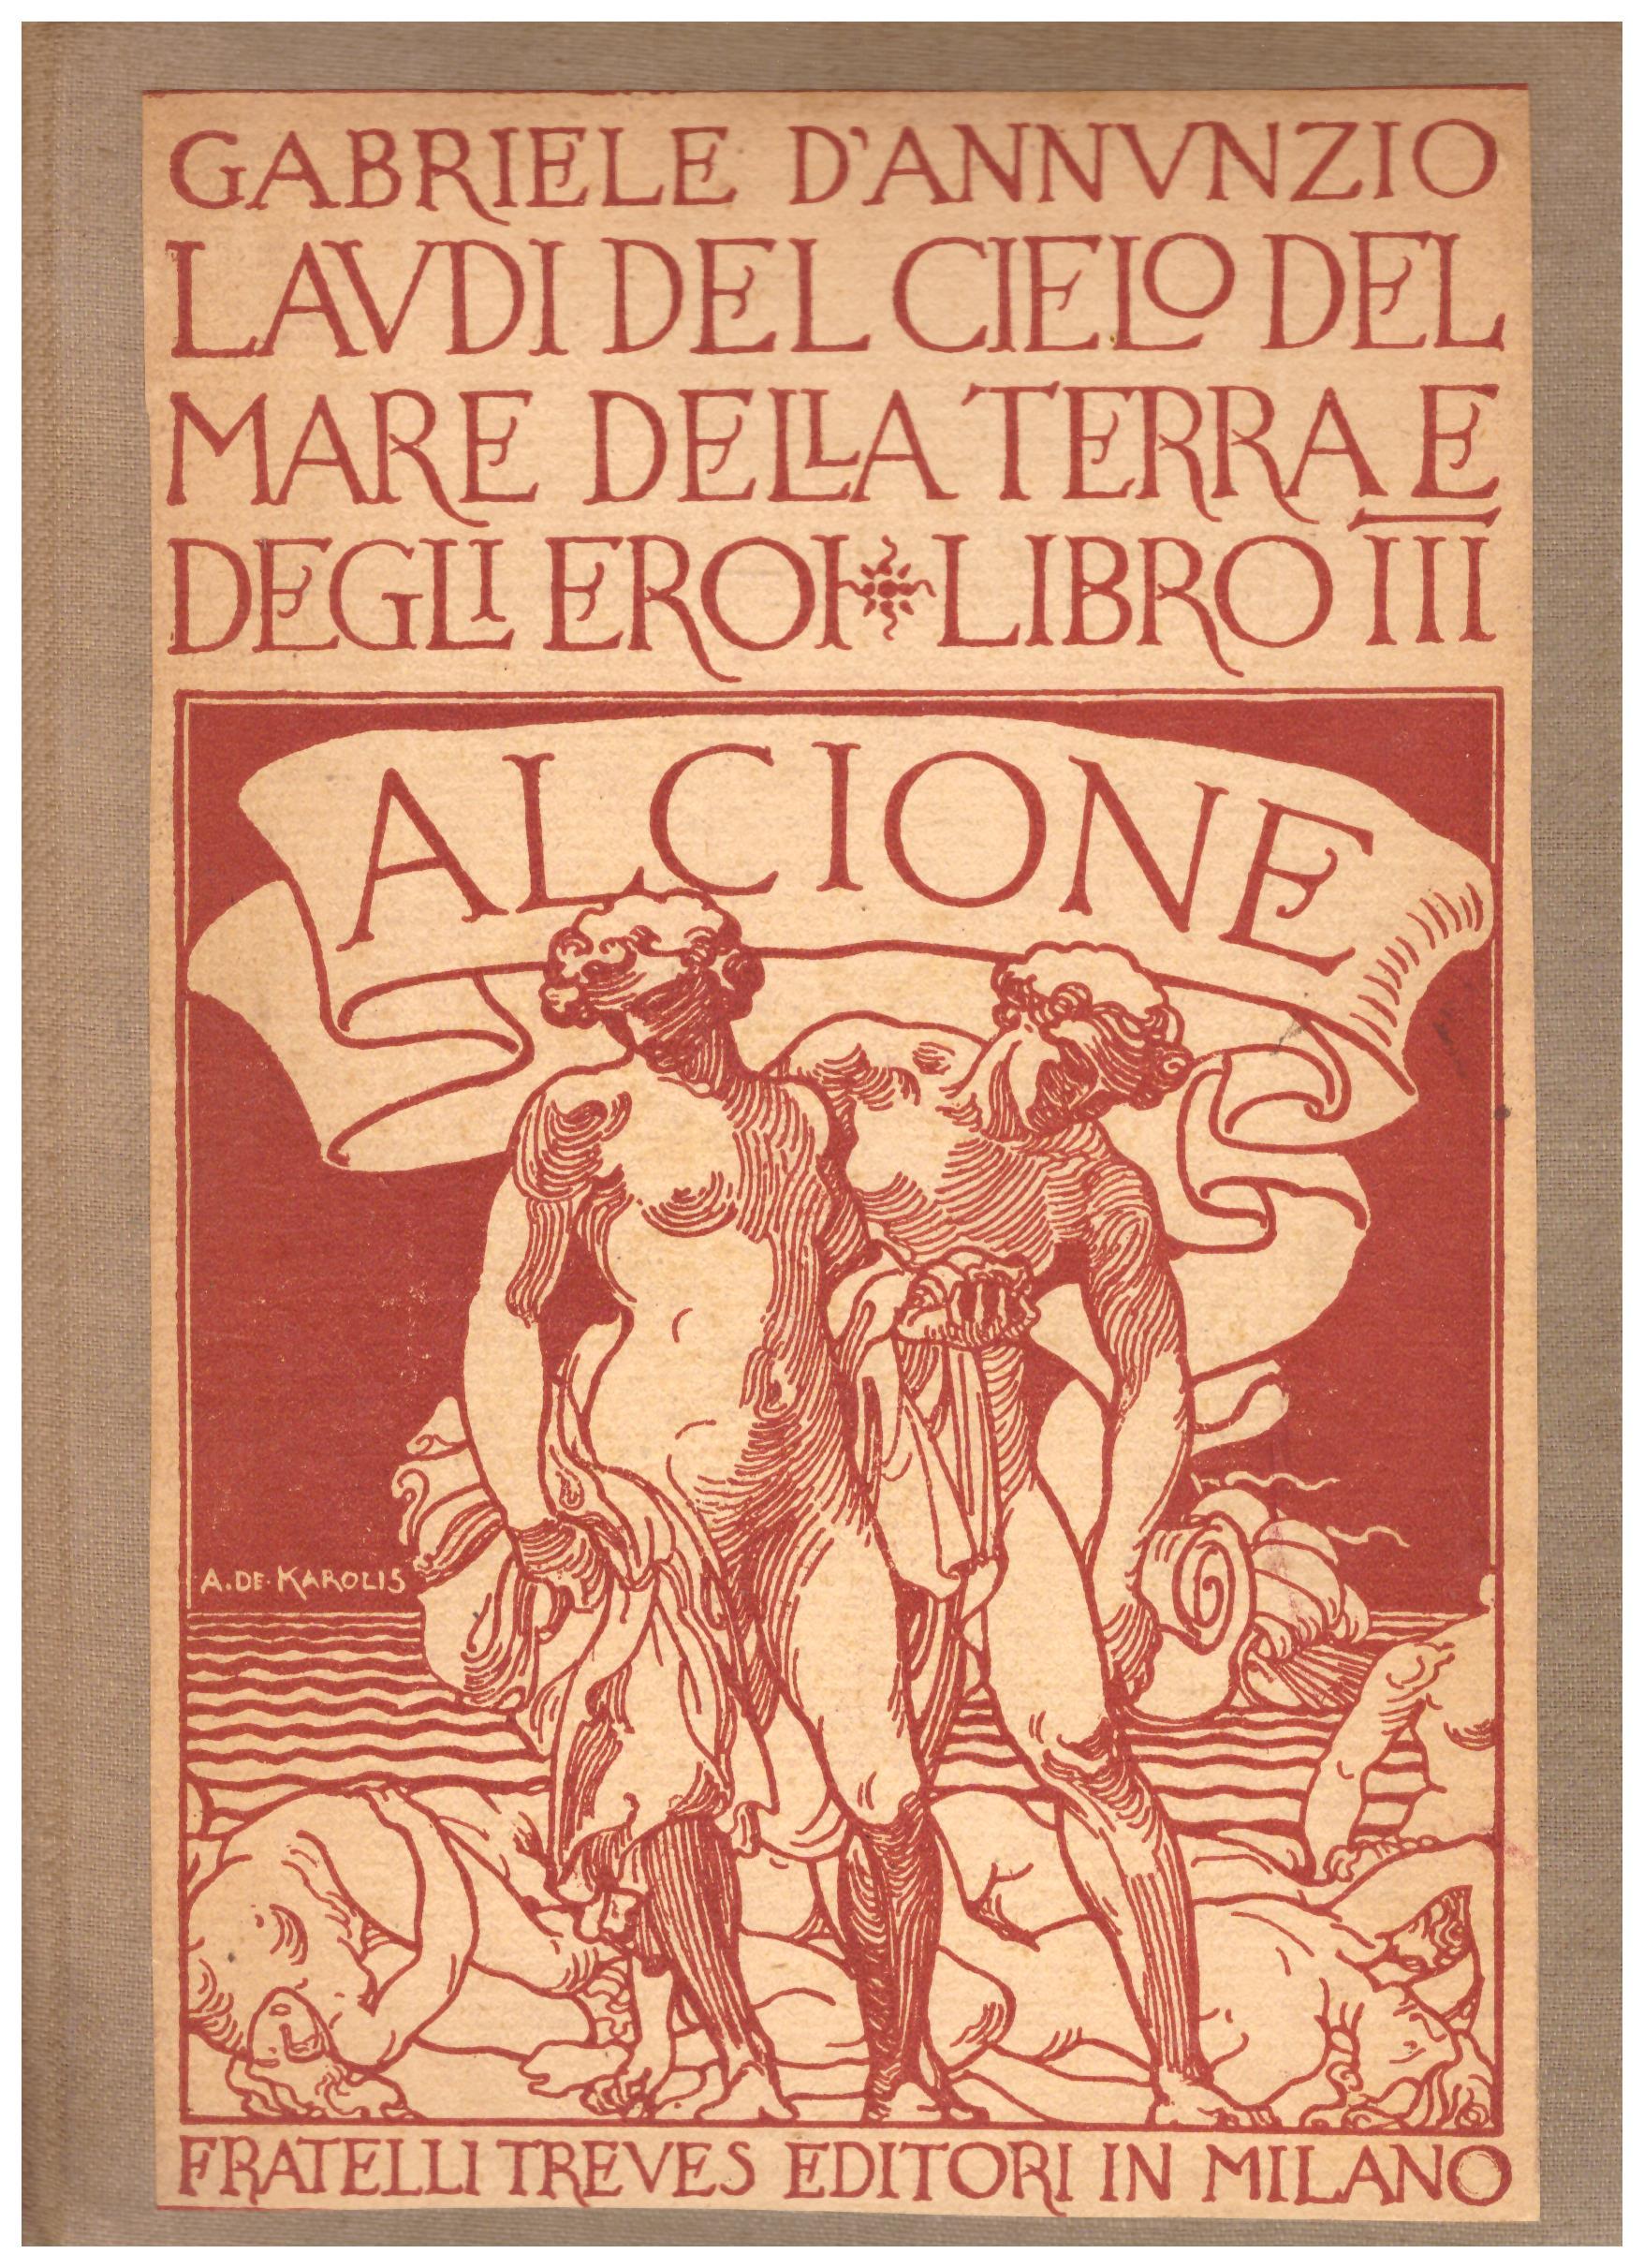 Titolo: Delle Laudi libro terzo, Alcione libro terzo Autore: Gabriele D'Annunzio Editore: Treves, 1928